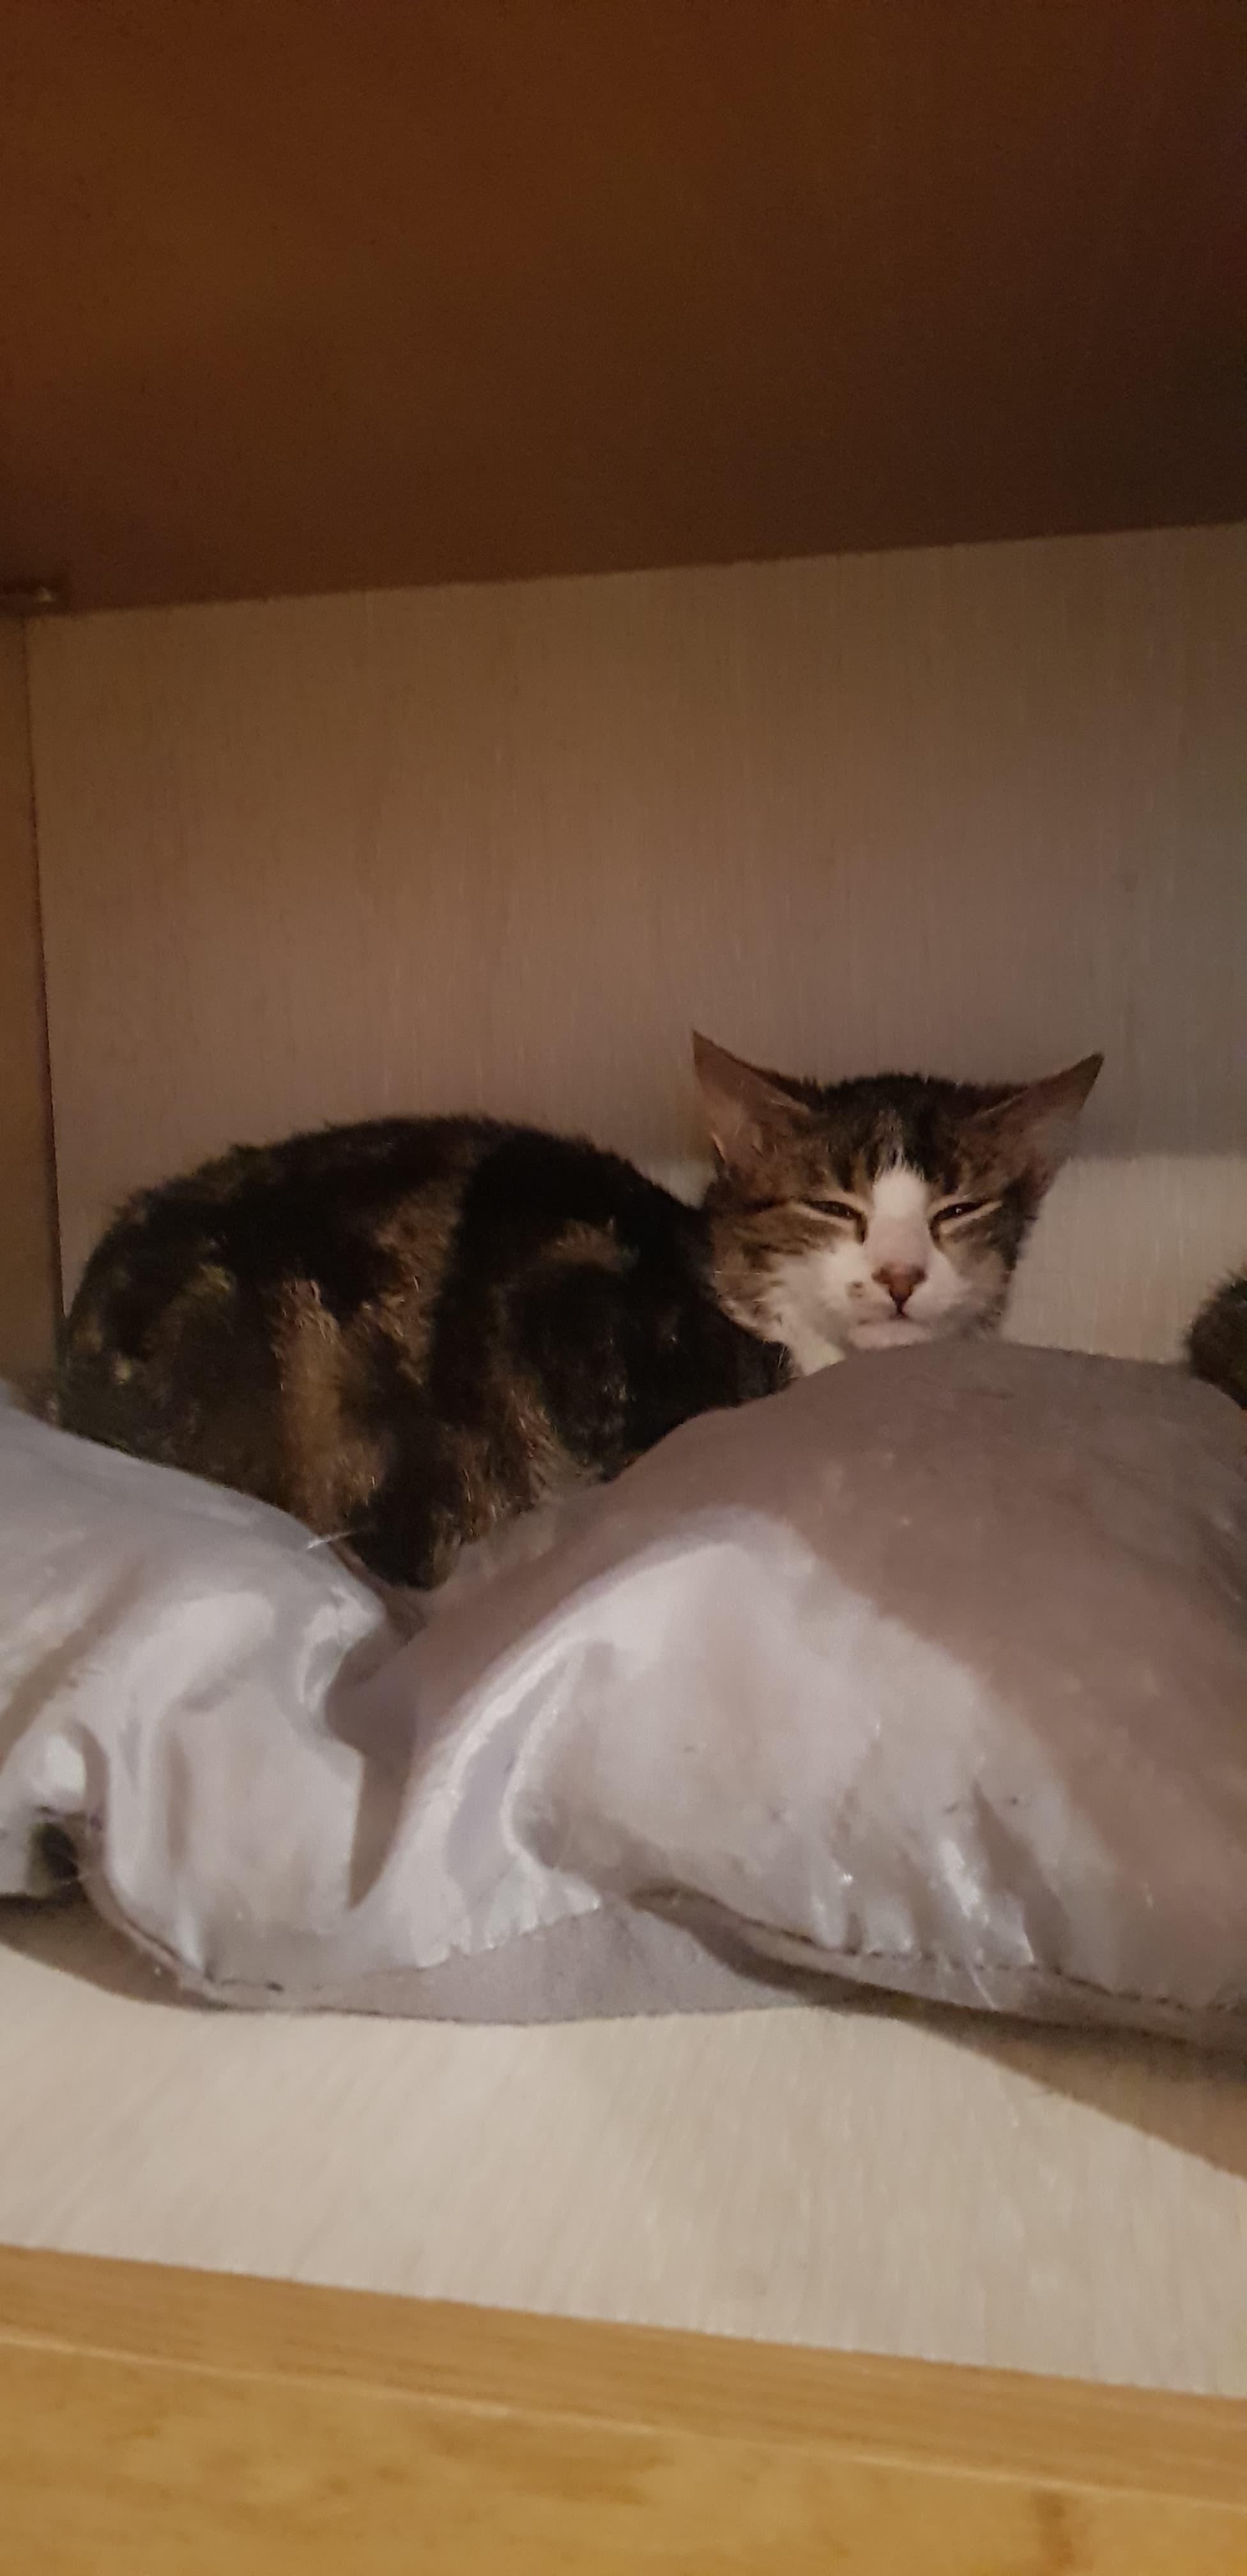 Recherche bénévole pour sociabiliser des chatons